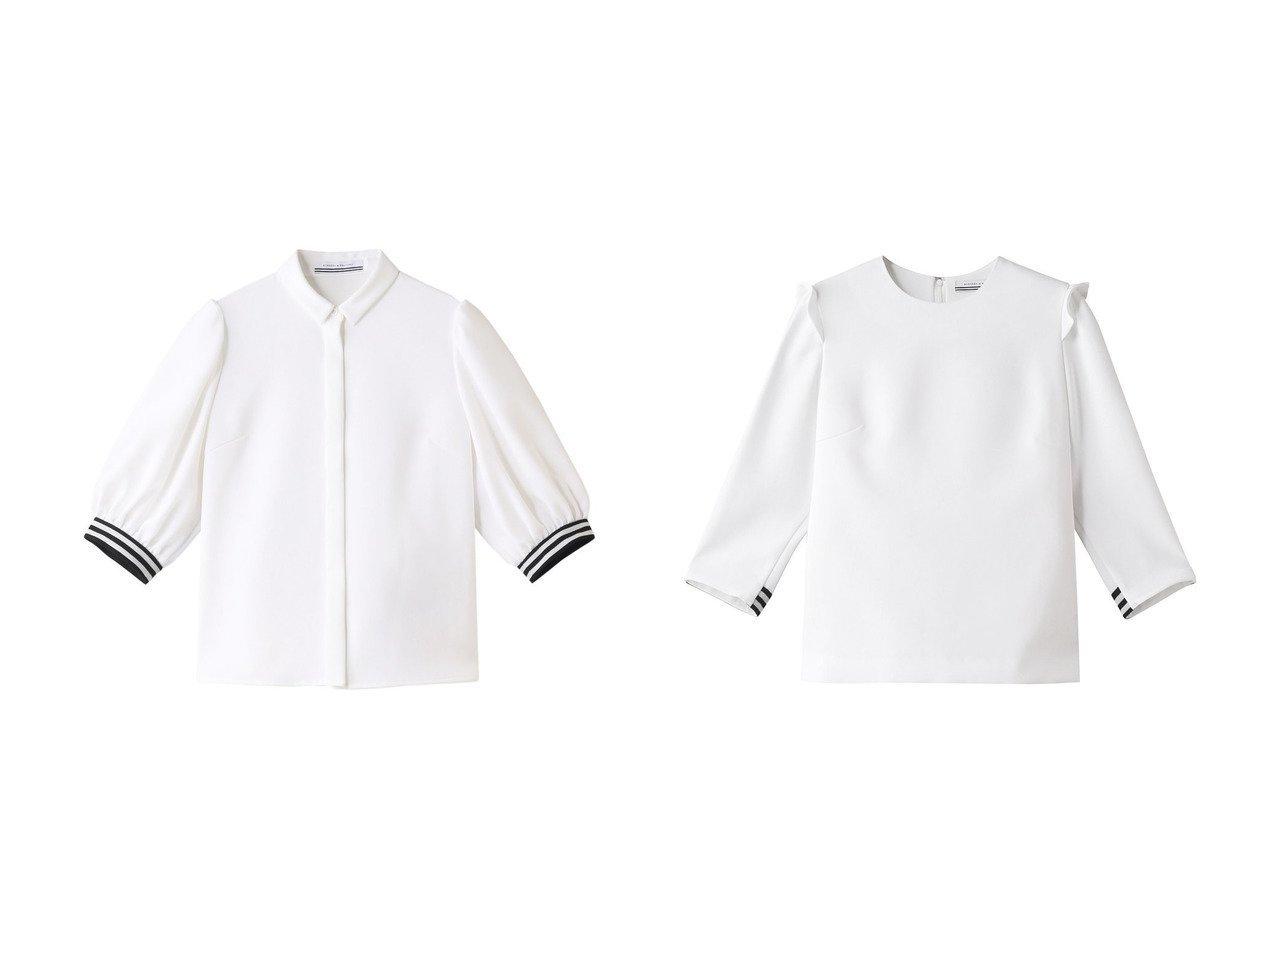 【BORDERS at BALCONY/ボーダーズ アット バルコニー】のバルーンシャツ&カフトップ トップス・カットソーのおすすめ!人気、トレンド・レディースファッションの通販 おすすめで人気の流行・トレンド、ファッションの通販商品 メンズファッション・キッズファッション・インテリア・家具・レディースファッション・服の通販 founy(ファニー) https://founy.com/ ファッション Fashion レディースファッション WOMEN トップス Tops Tshirt シャツ/ブラウス Shirts Blouses 2020年 2020 2020-2021 秋冬 A/W AW Autumn/Winter / FW Fall-Winter 2020-2021 2021年 2021 2021 春夏 S/S SS Spring/Summer 2021 シェイプ スリーブ ツイル バルーン ロング 春 Spring A/W 秋冬 AW Autumn/Winter / FW Fall-Winter  ID:crp329100000011530